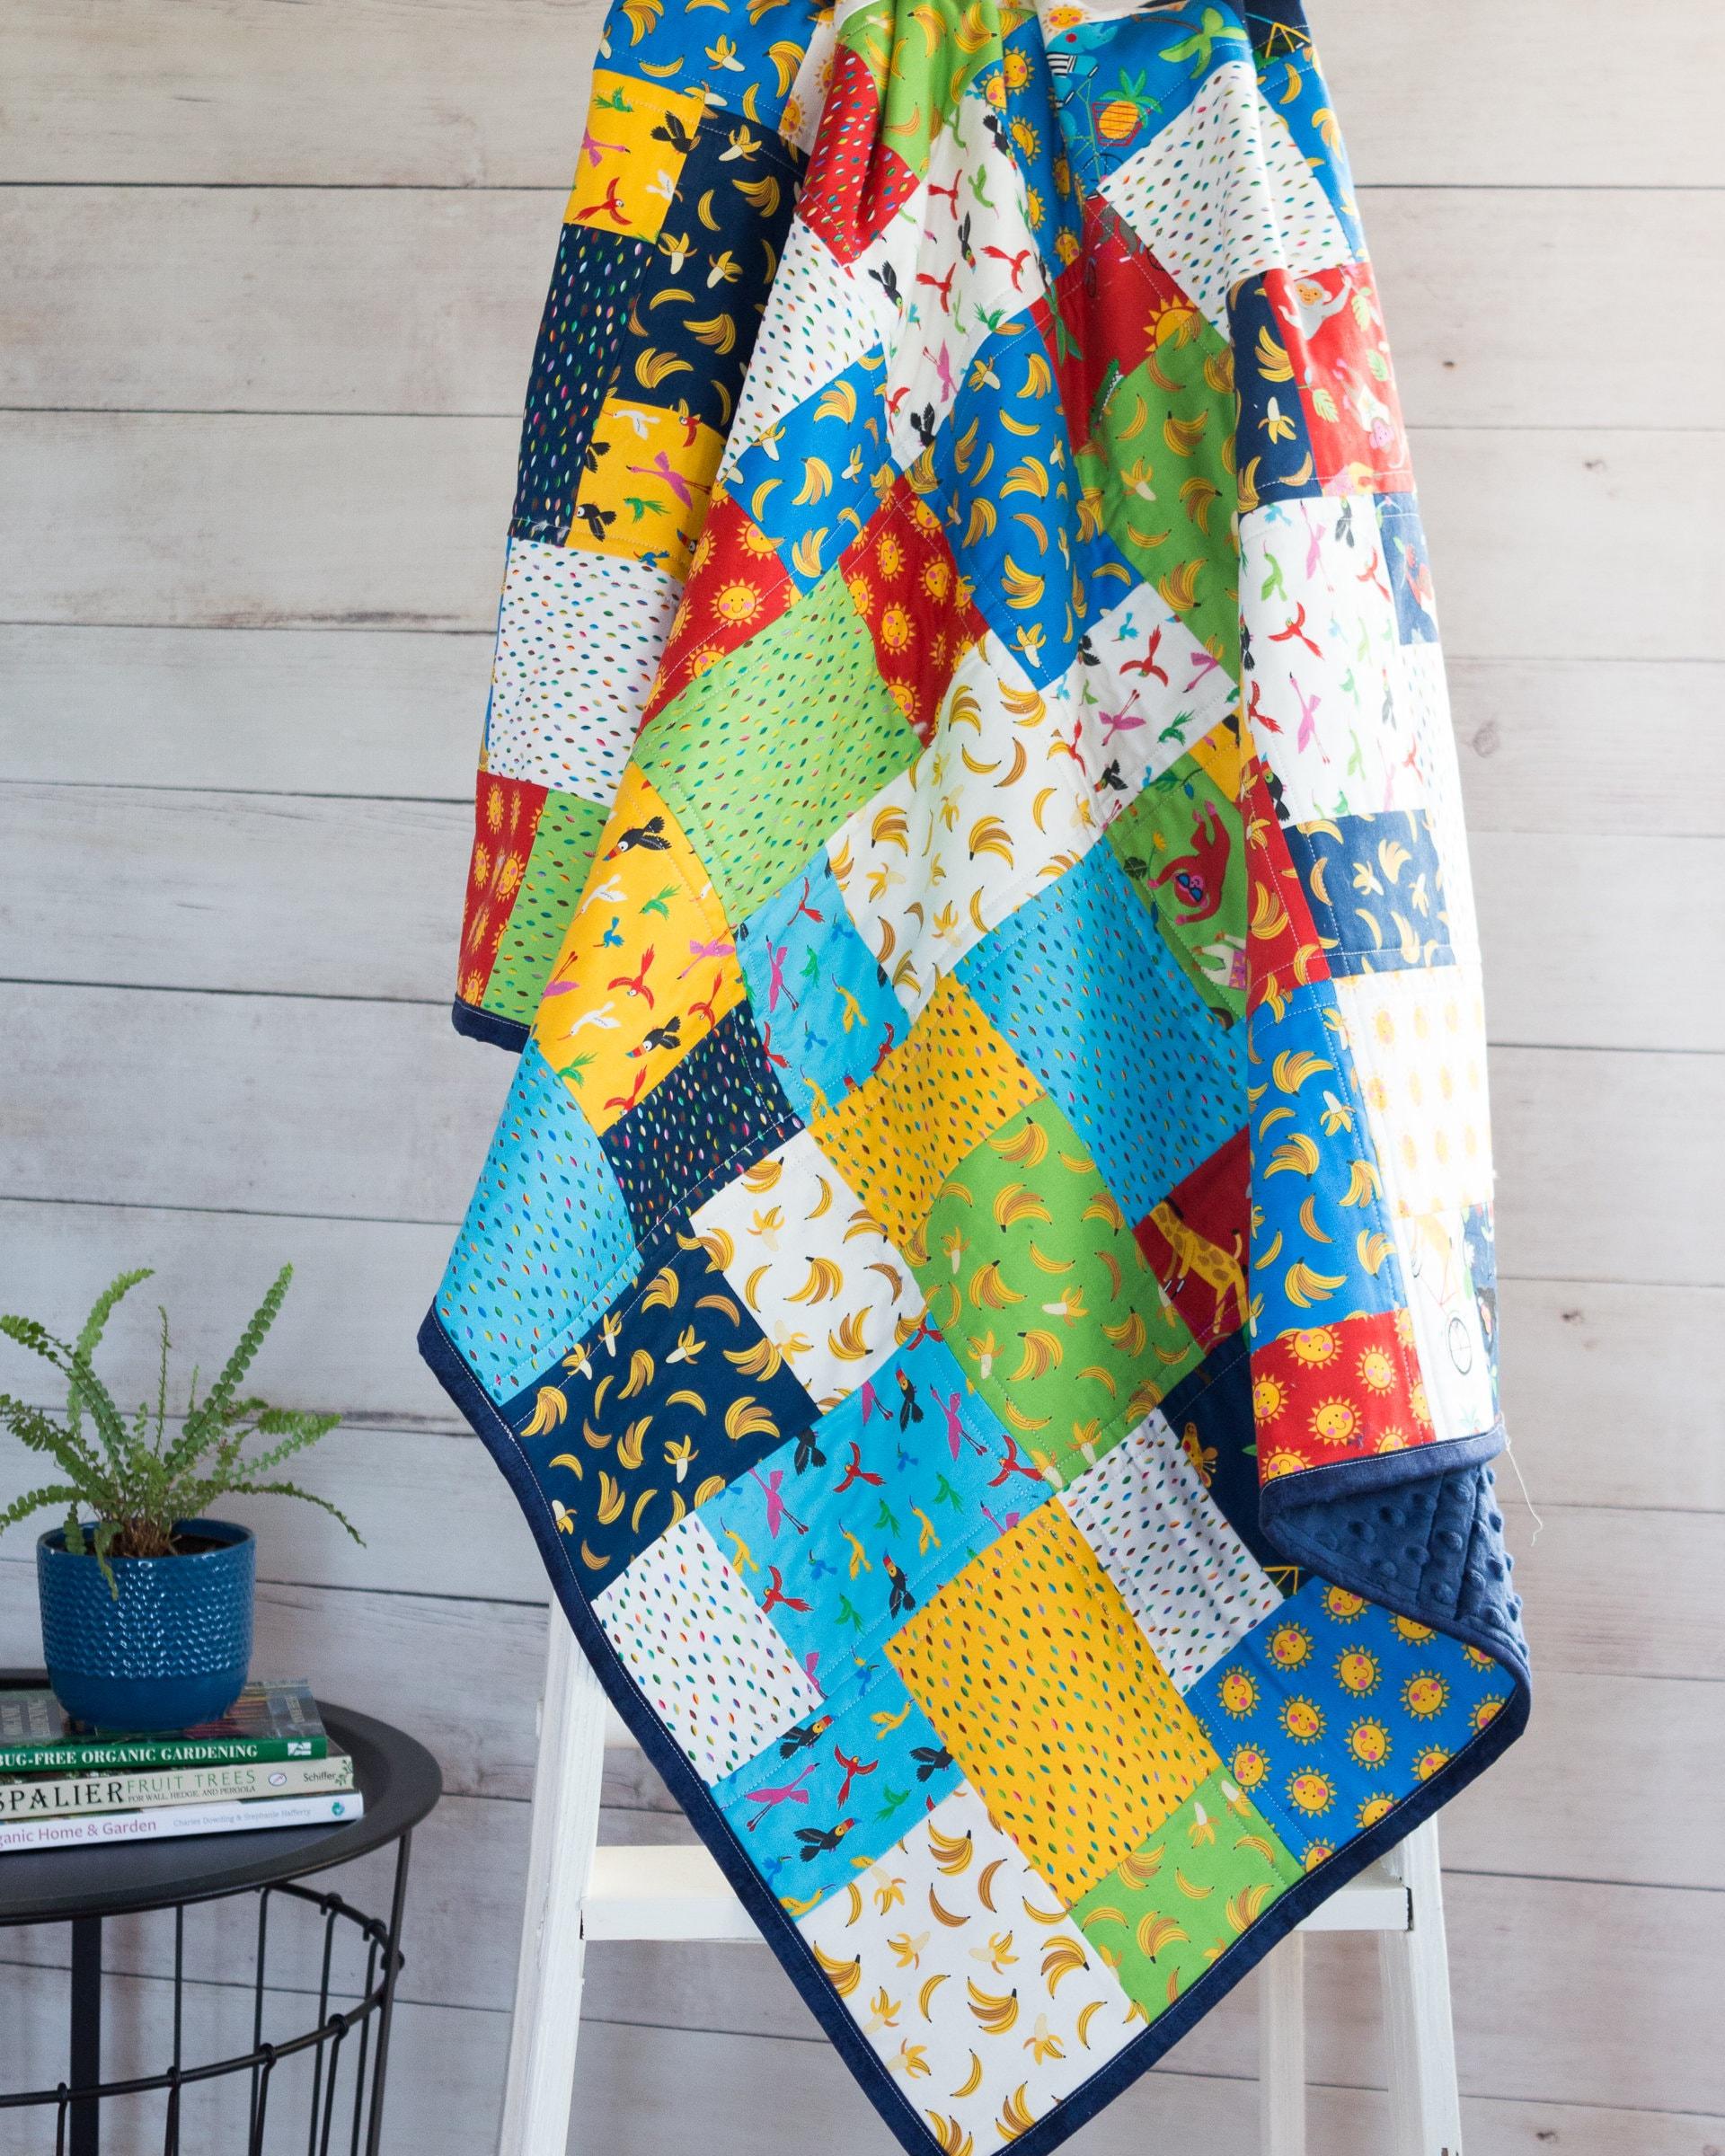 Quilt Baby Boy Quilt pour bébé fait à la main (fr) Conception moderne de patchwork avec des impressions amusantes - Animaux de jungle Cadeau de douche de chéri